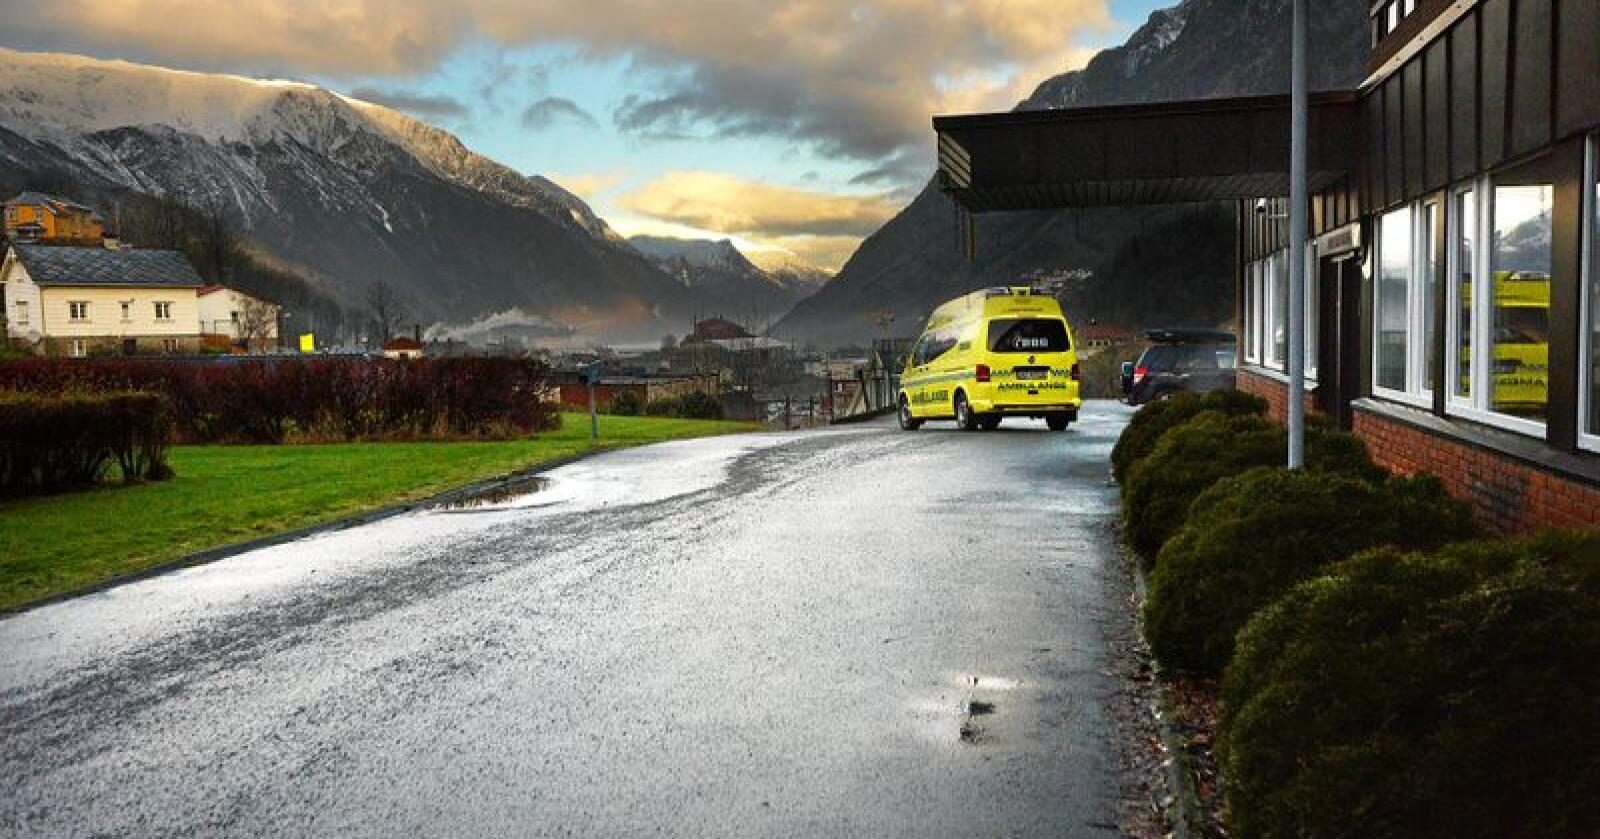 Presset økonomi i helseforetakene gjør veien kort til at områder med lav befolkningstetthet og få akutte utrykninger blir nedprioritert. Foto: Siri Juell Rasmussen